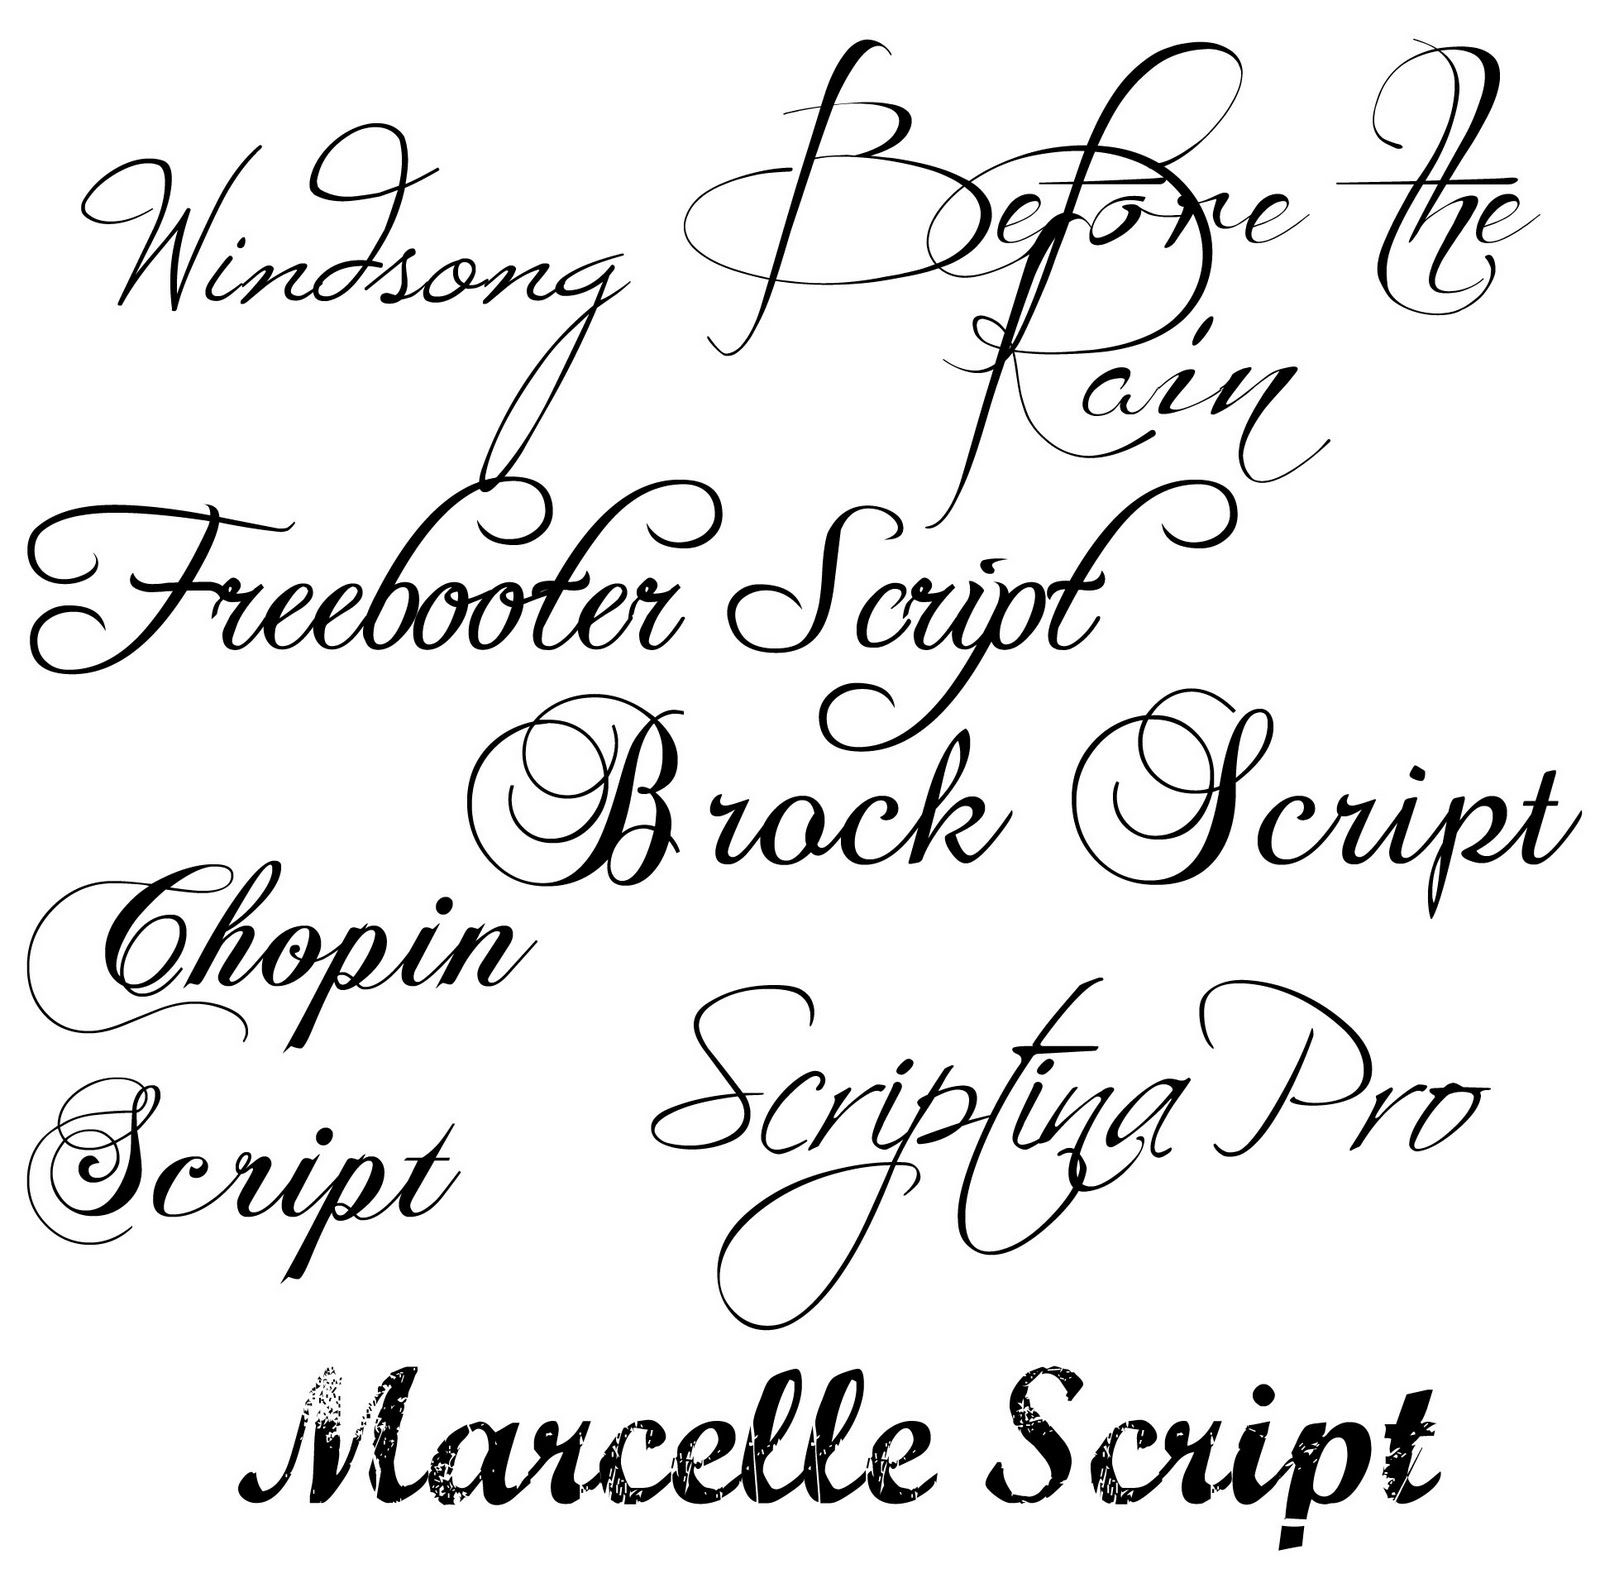 Fancy Script Tattoo Generator: Links To Free Downloads Of Fancy Fonts Via MD School Mrs